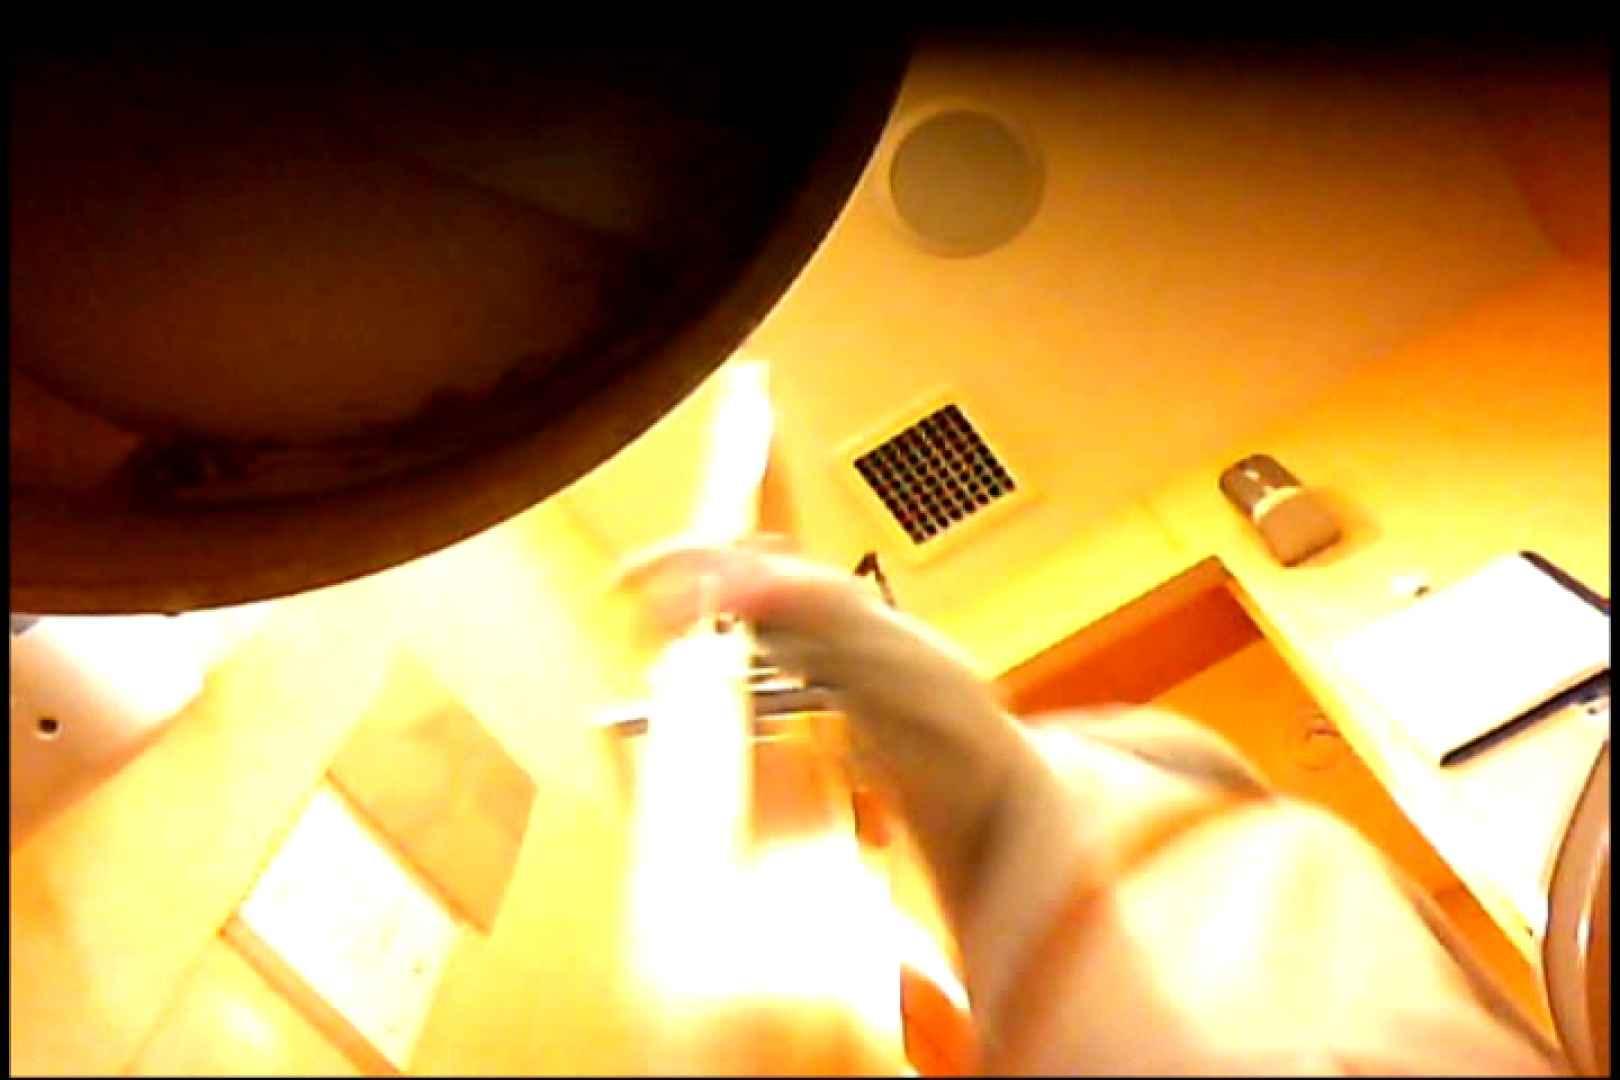 画質向上!新亀さん厠 vol.36 厠・・・ すけべAV動画紹介 94PIX 78